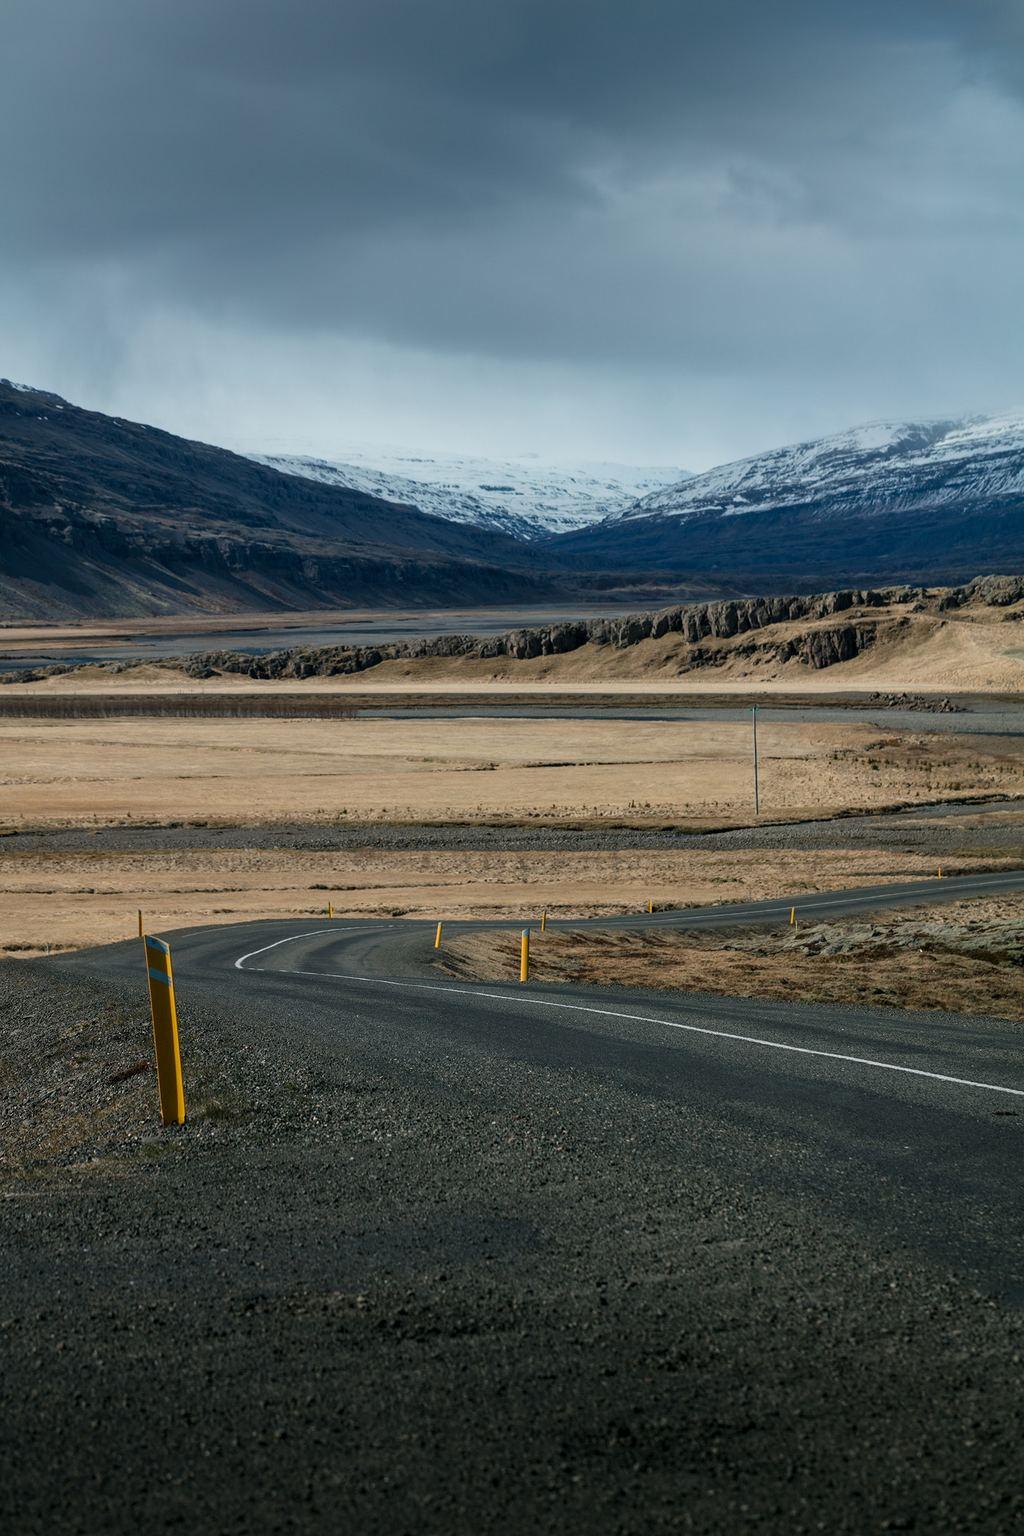 被雪覆盖的群山